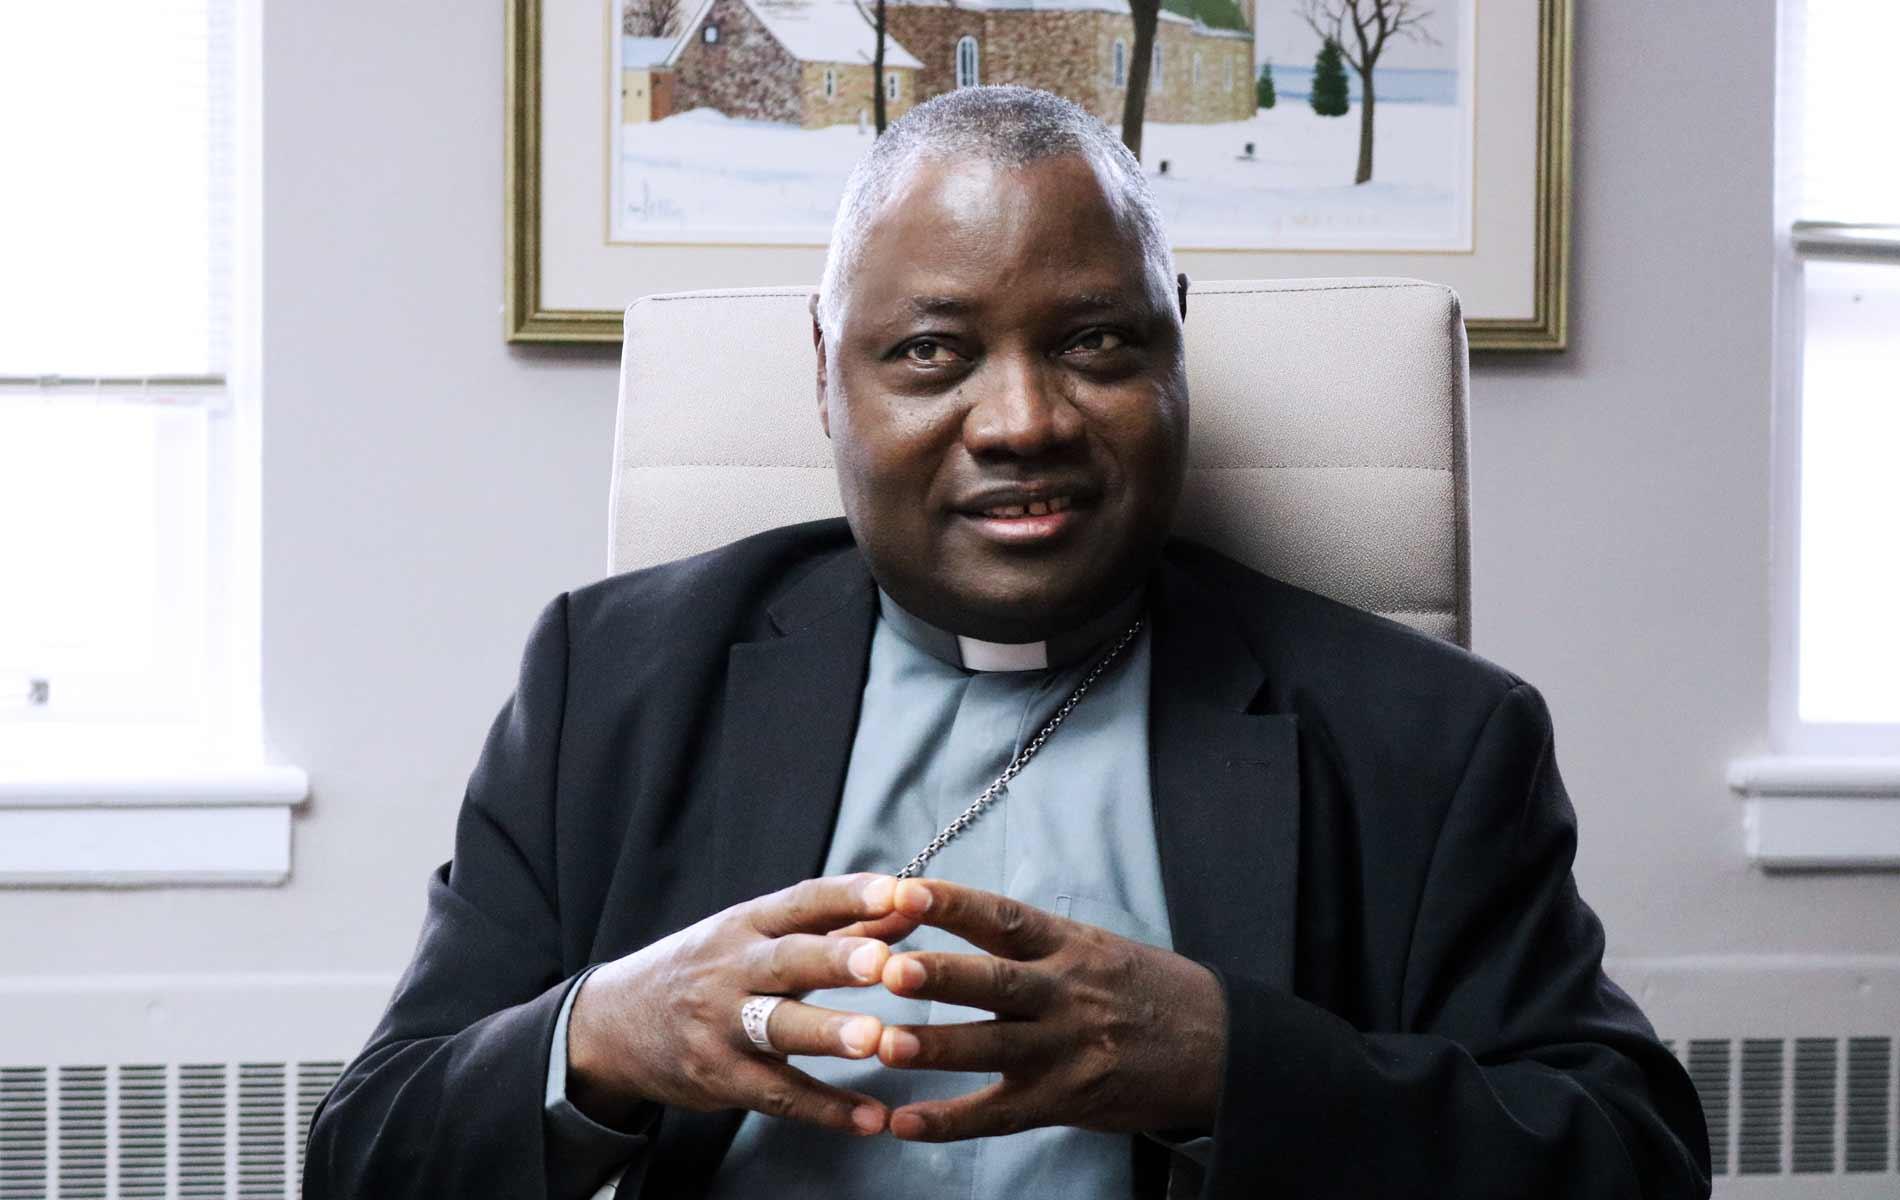 Arcebispo Ignatius Ayau Kaigama